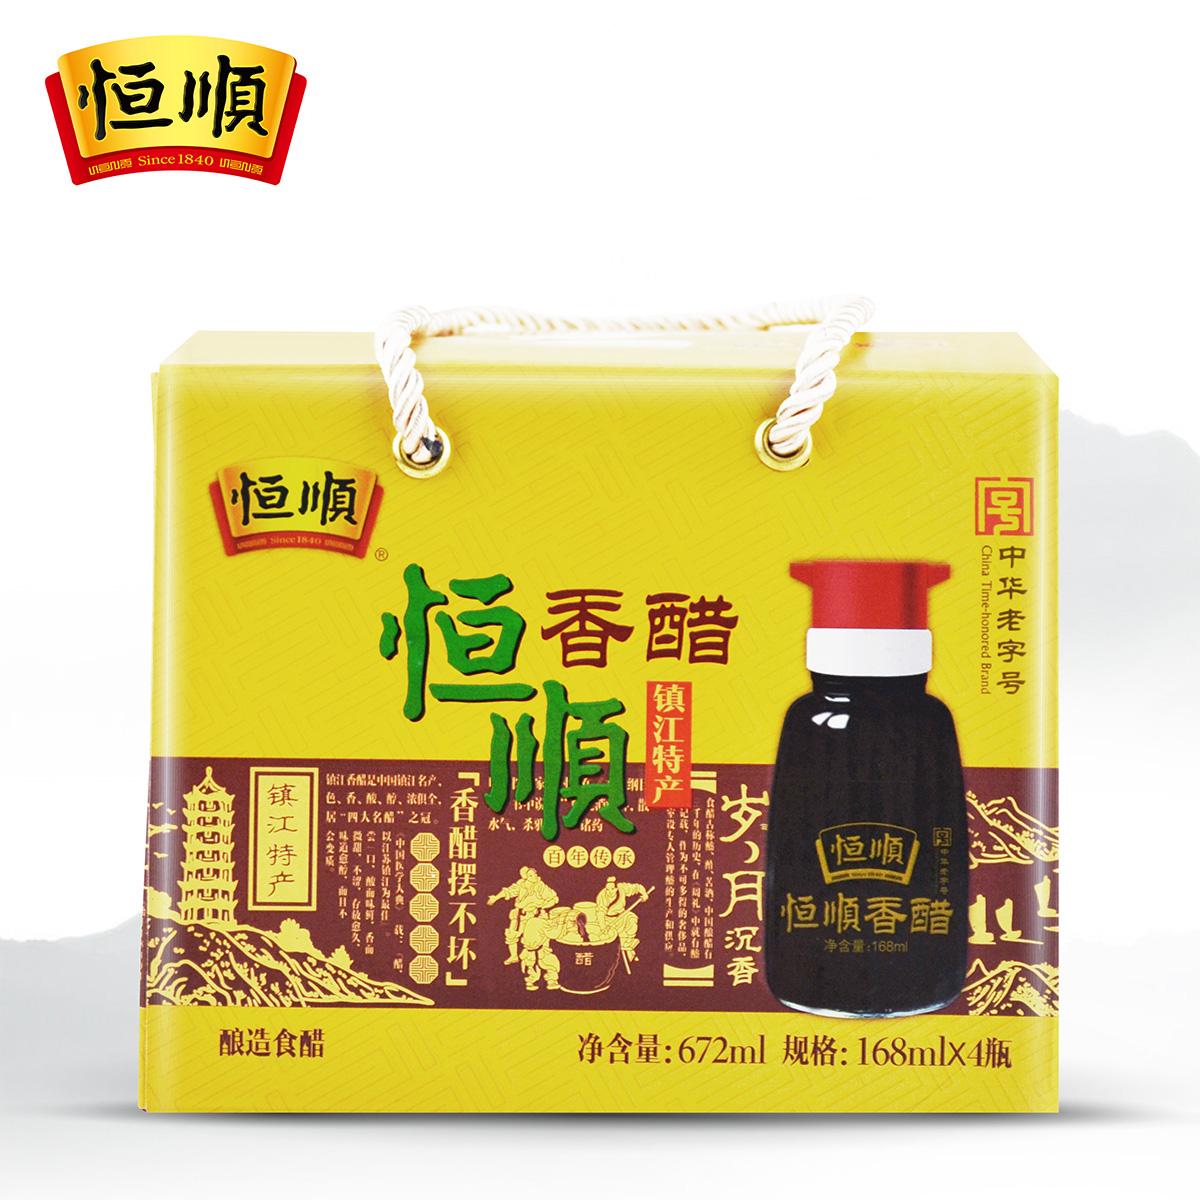 恒顺餐桌礼醋168ml*4瓶 调味品调料醋礼盒 镇江香醋 特产食醋陈醋